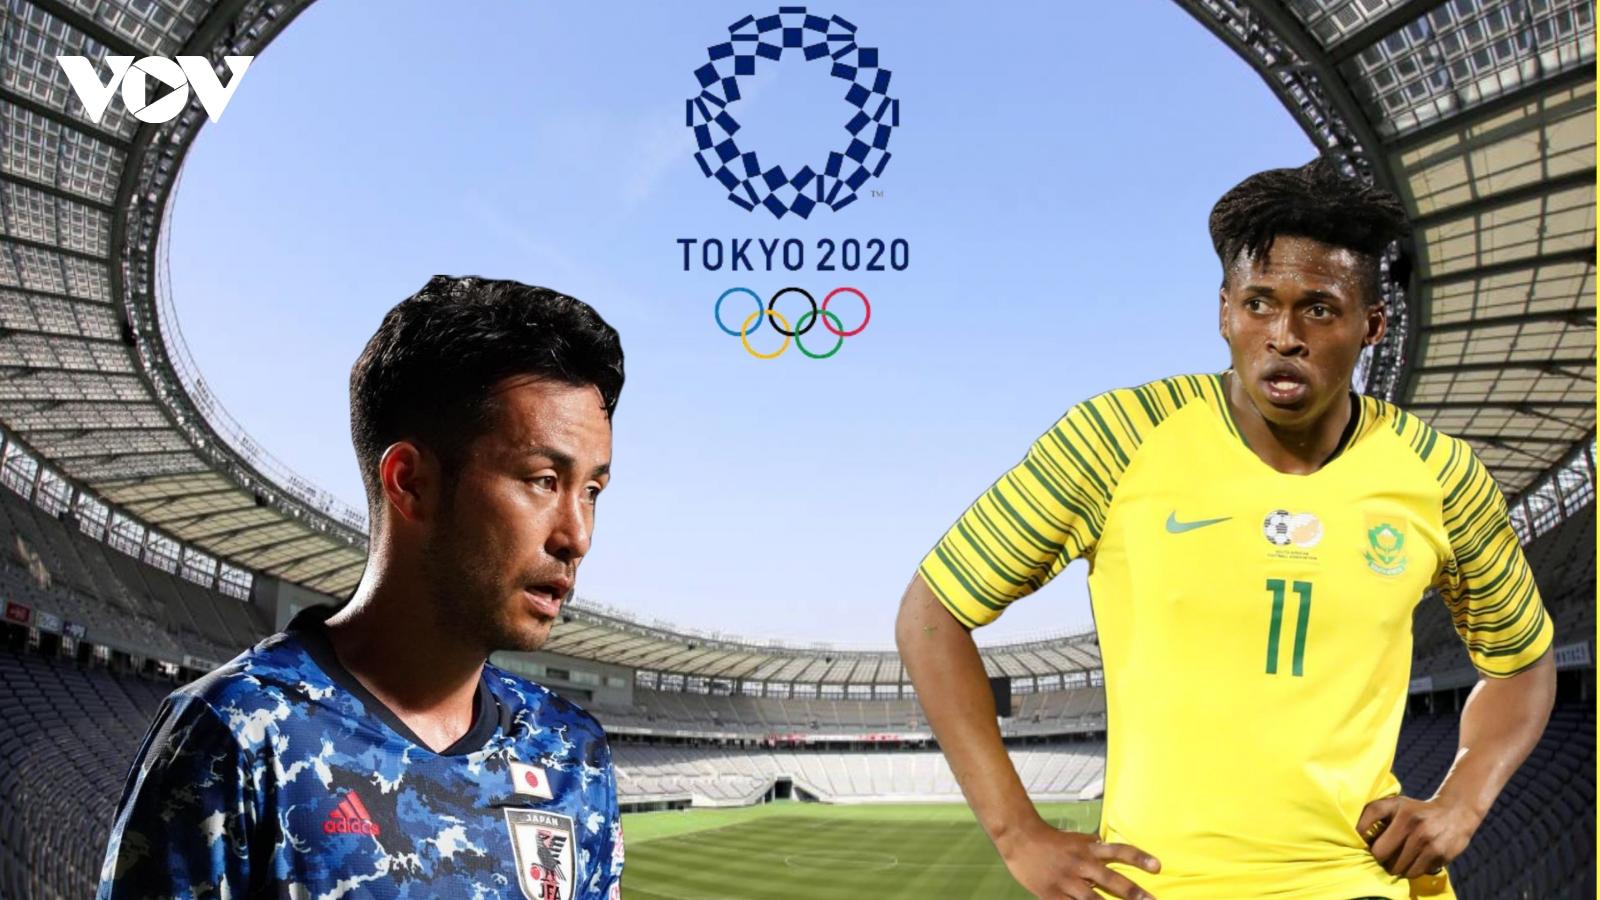 Dự đoán kết quả, đội hình xuất phát trận Olympic Nhật Bản - Olympic Nam Phi